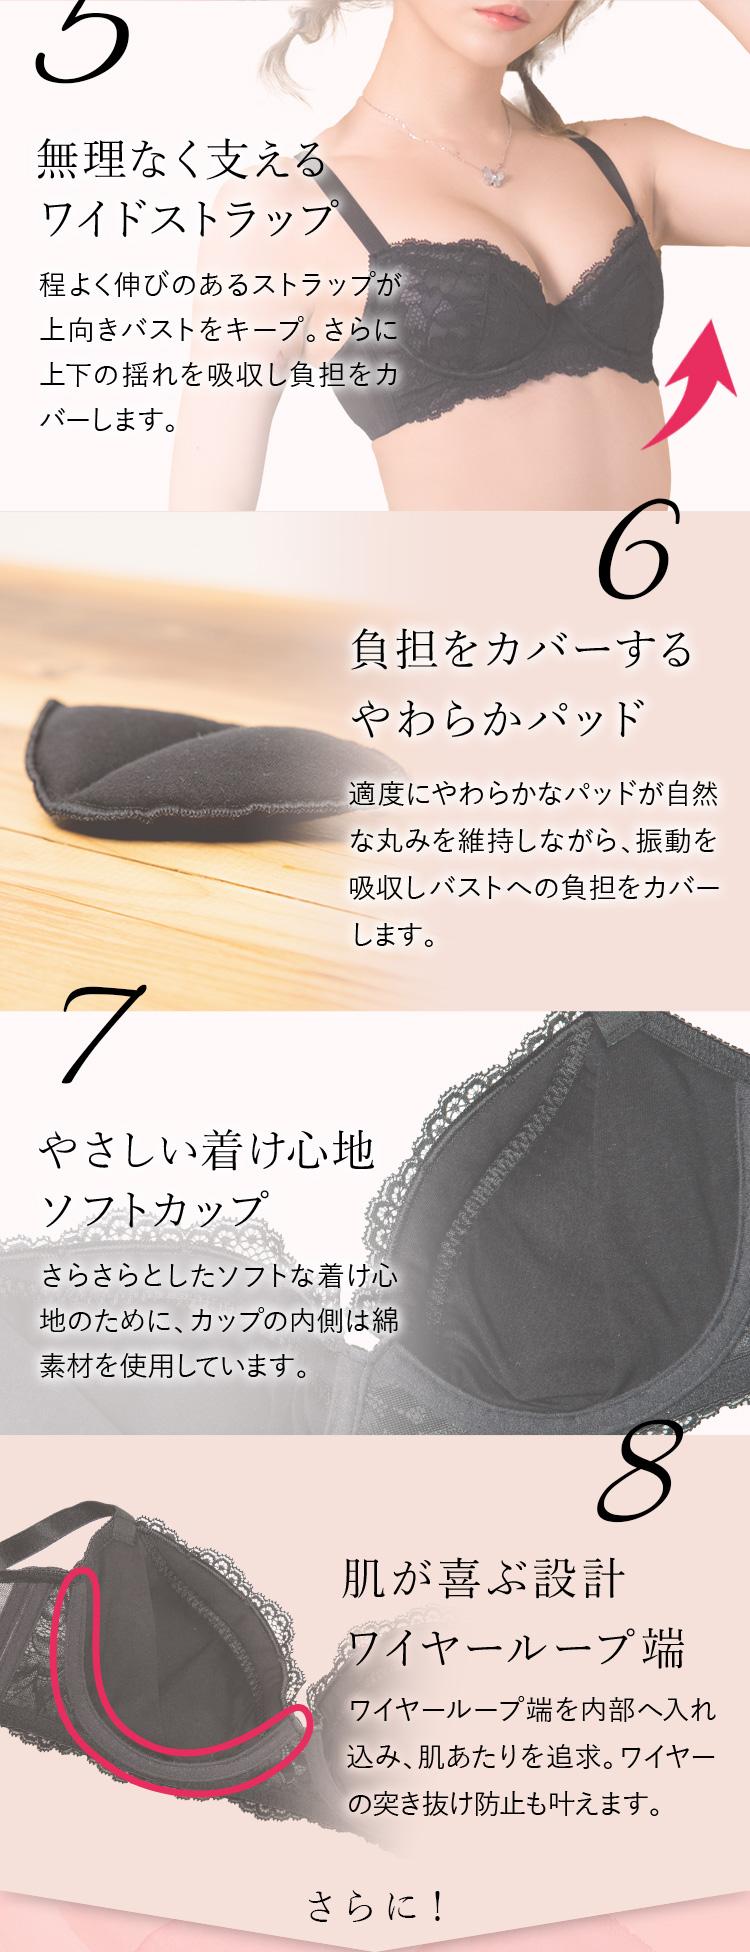 5無理なく支える6負担をカバーする7やさしい着け心地8肌が喜ぶ設計